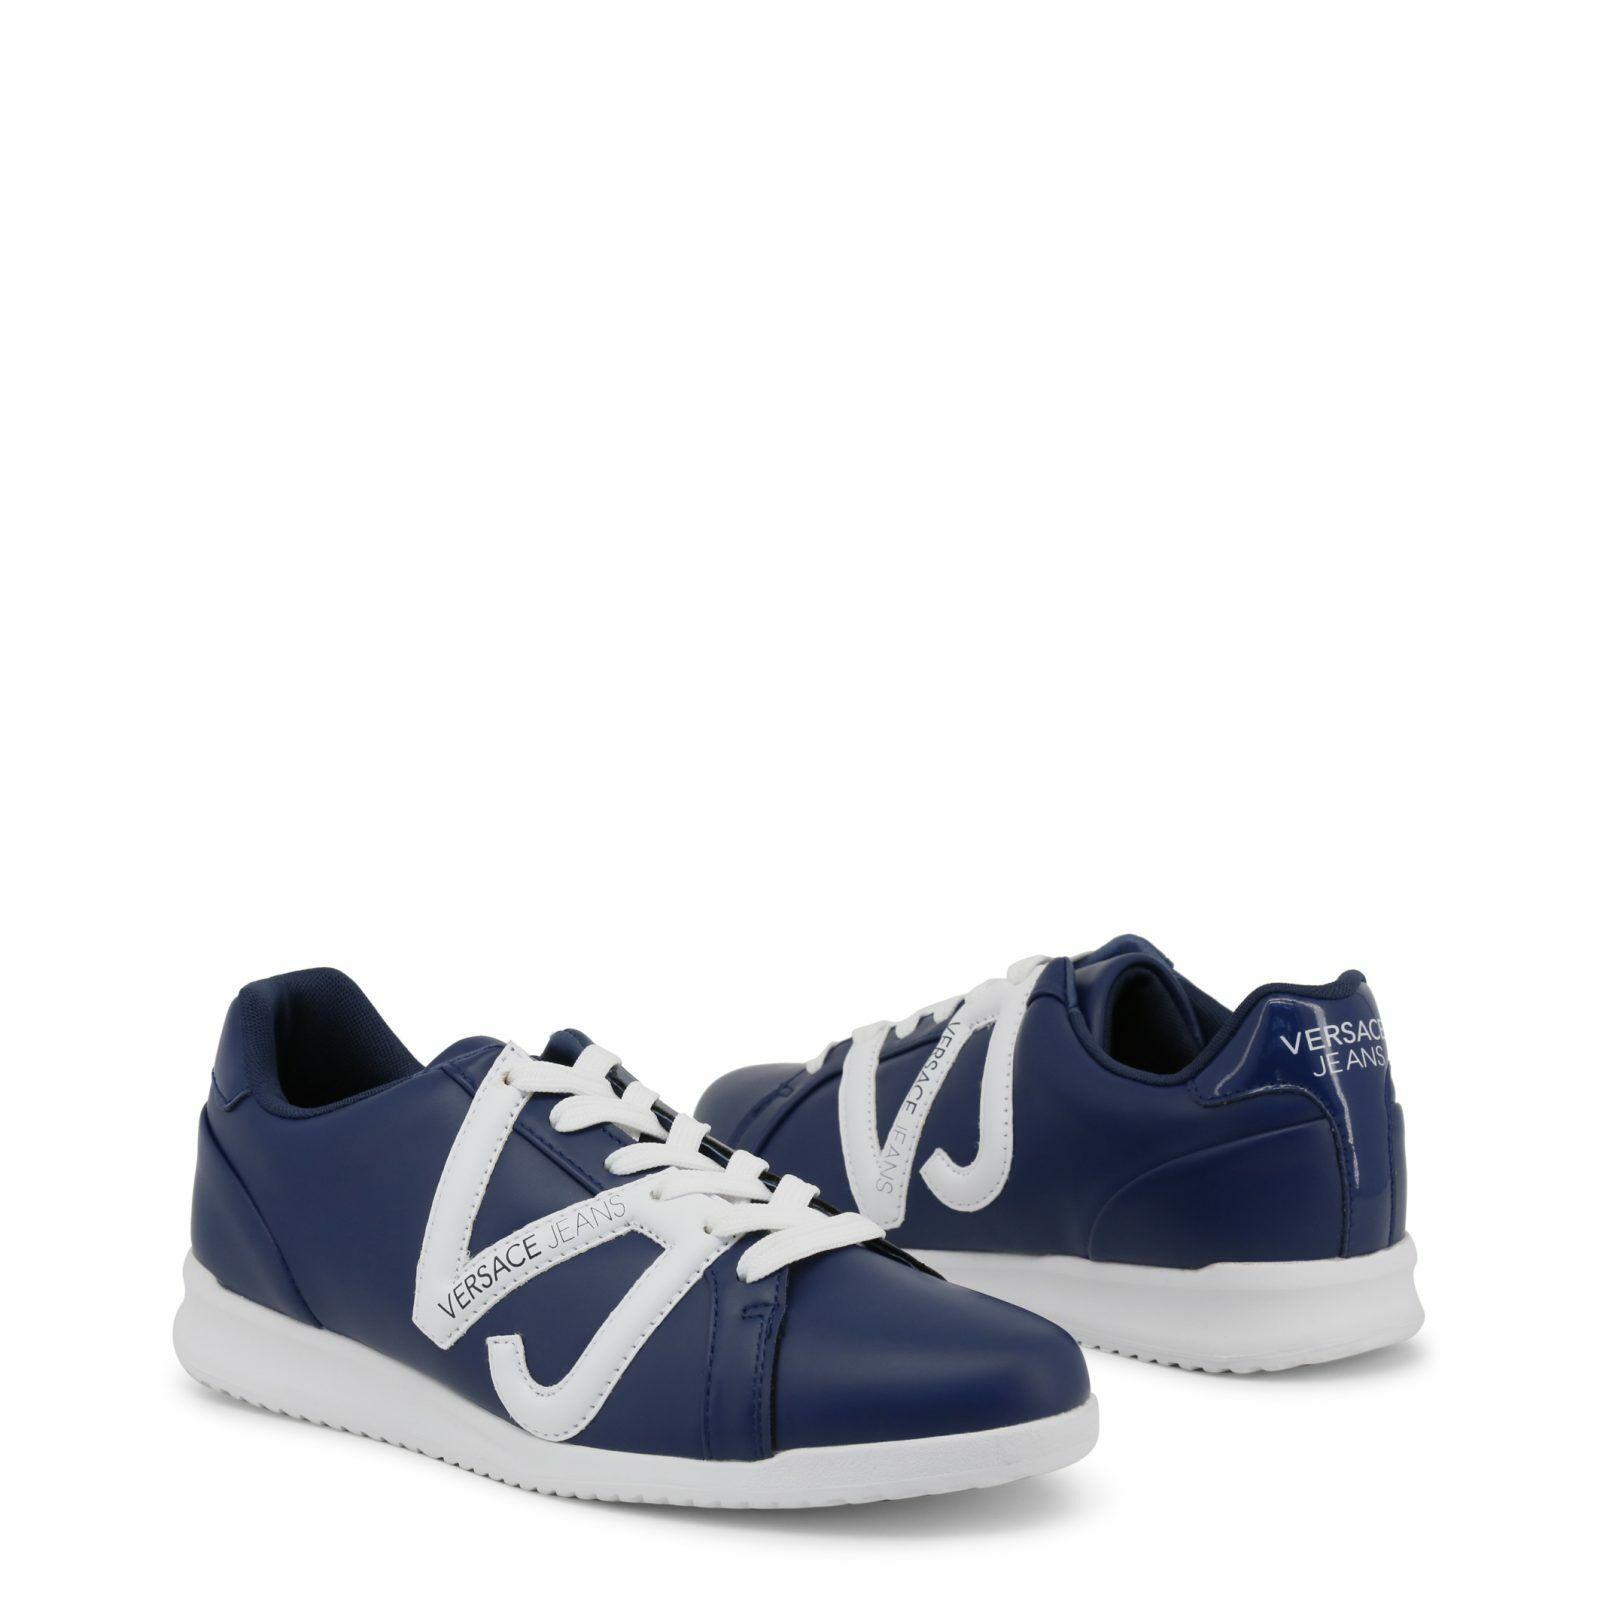 Versace Jeans bluee Men's Sneakers